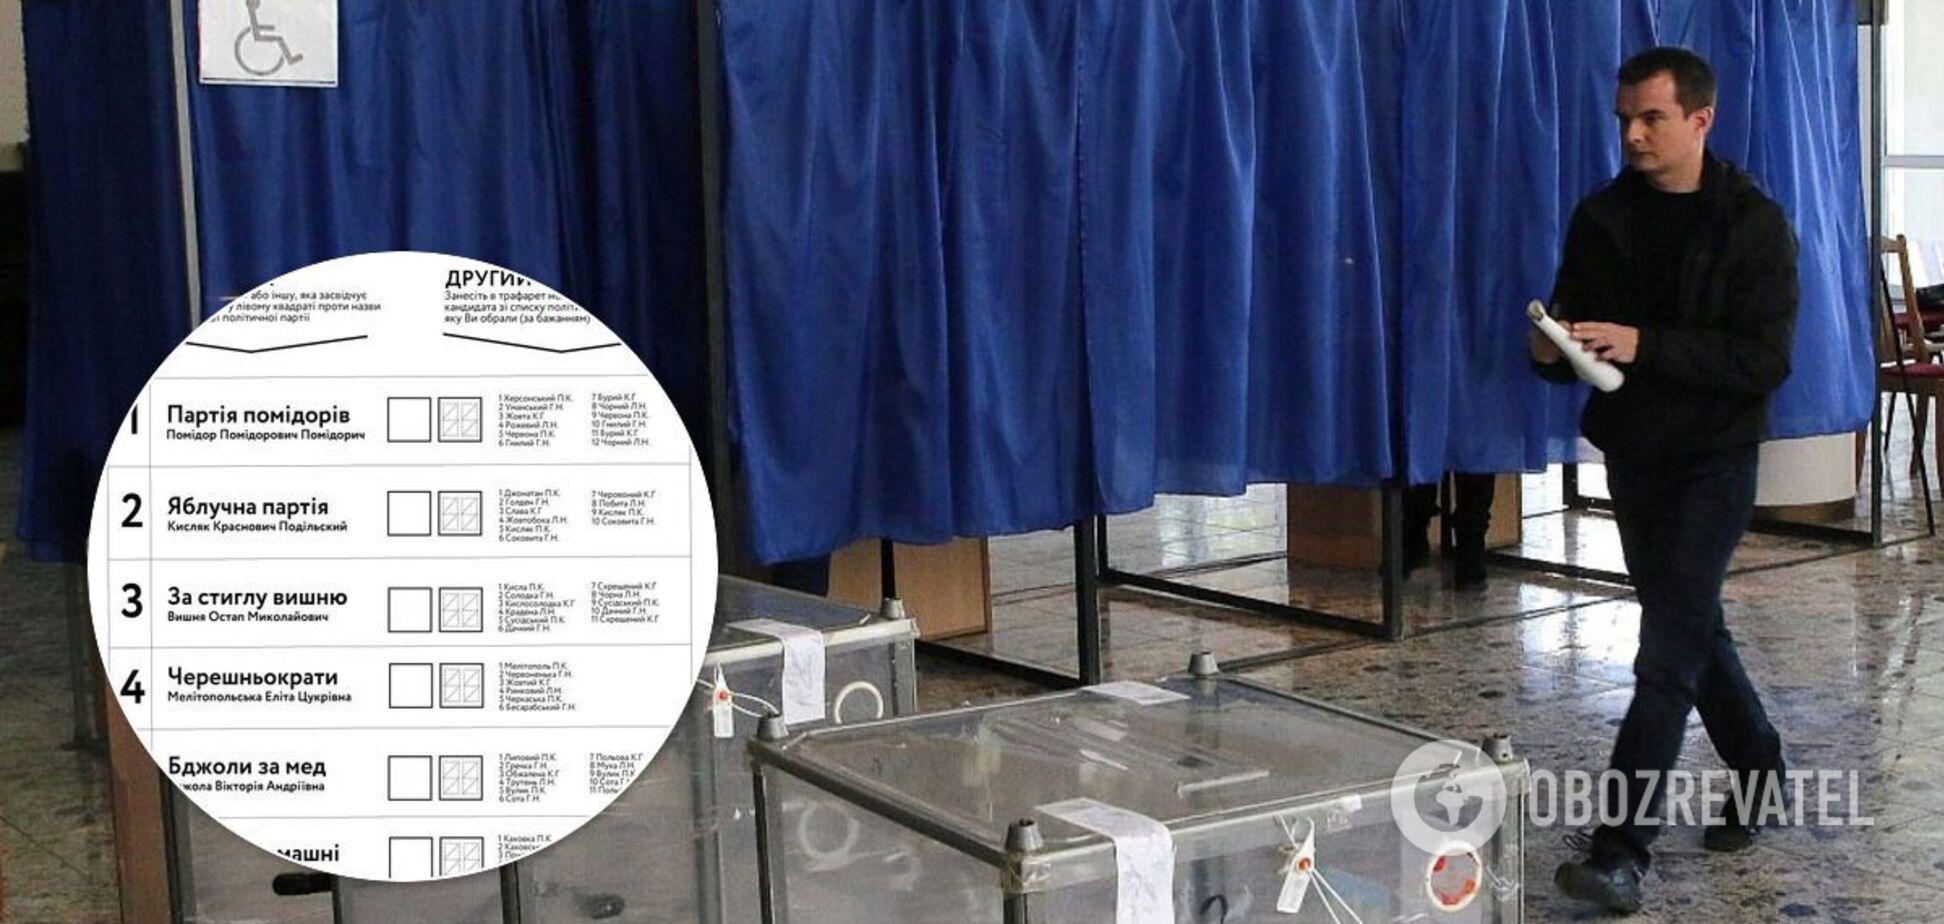 В КИУ рассказали об ошибках в бюллетенях и влиянии коронавируса на выборы